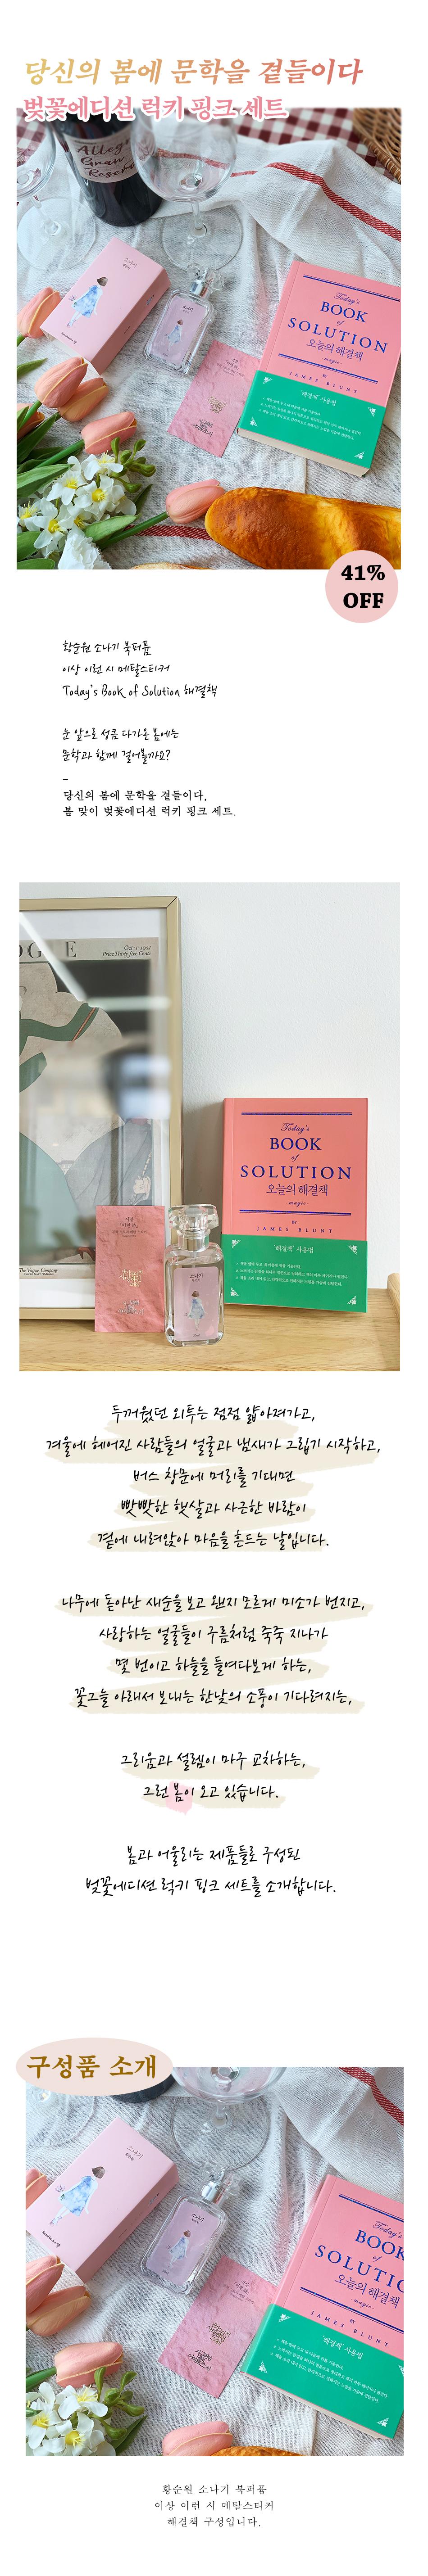 벚꽃에디션 럭키핑크세트(북퍼퓸+메탈스티커+해결책) - 자화상, 25,900원, 남성/여성향수, 여성향수